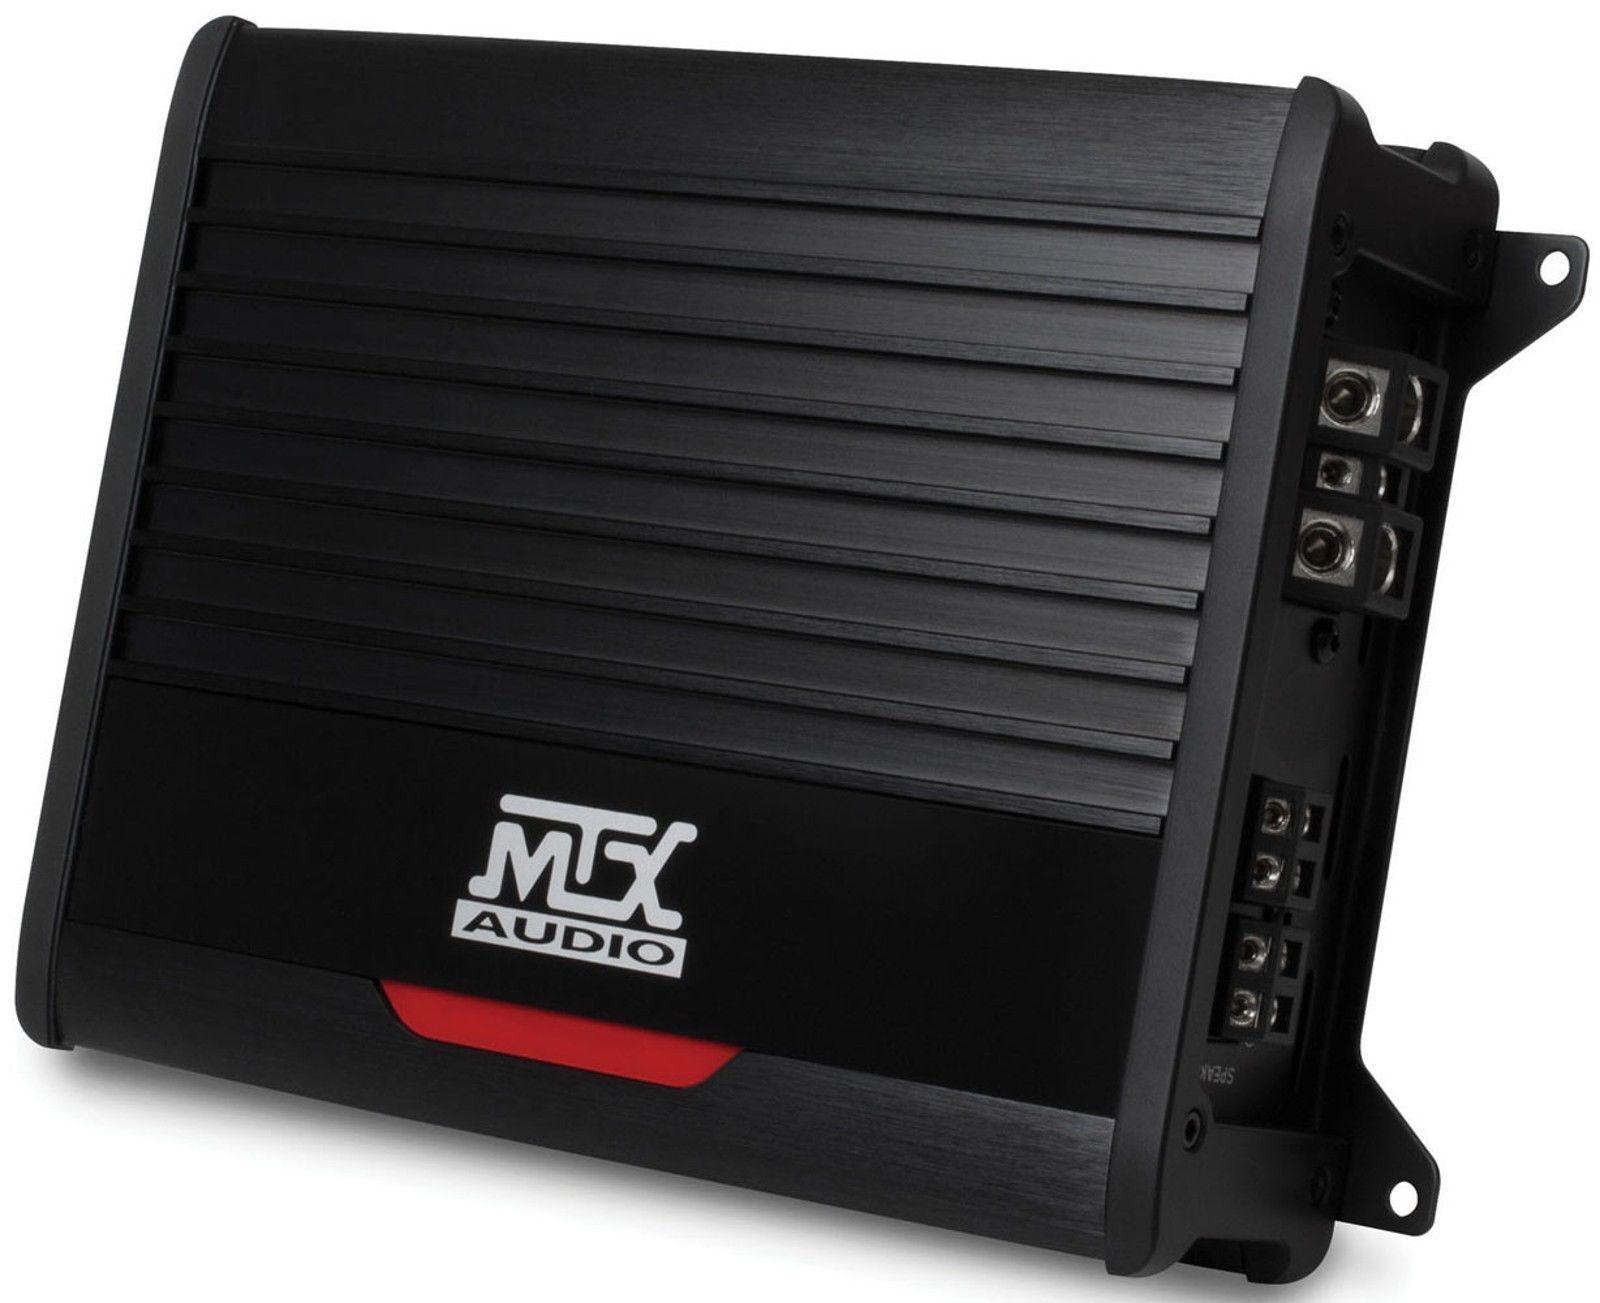 Mtx thunder 500 1